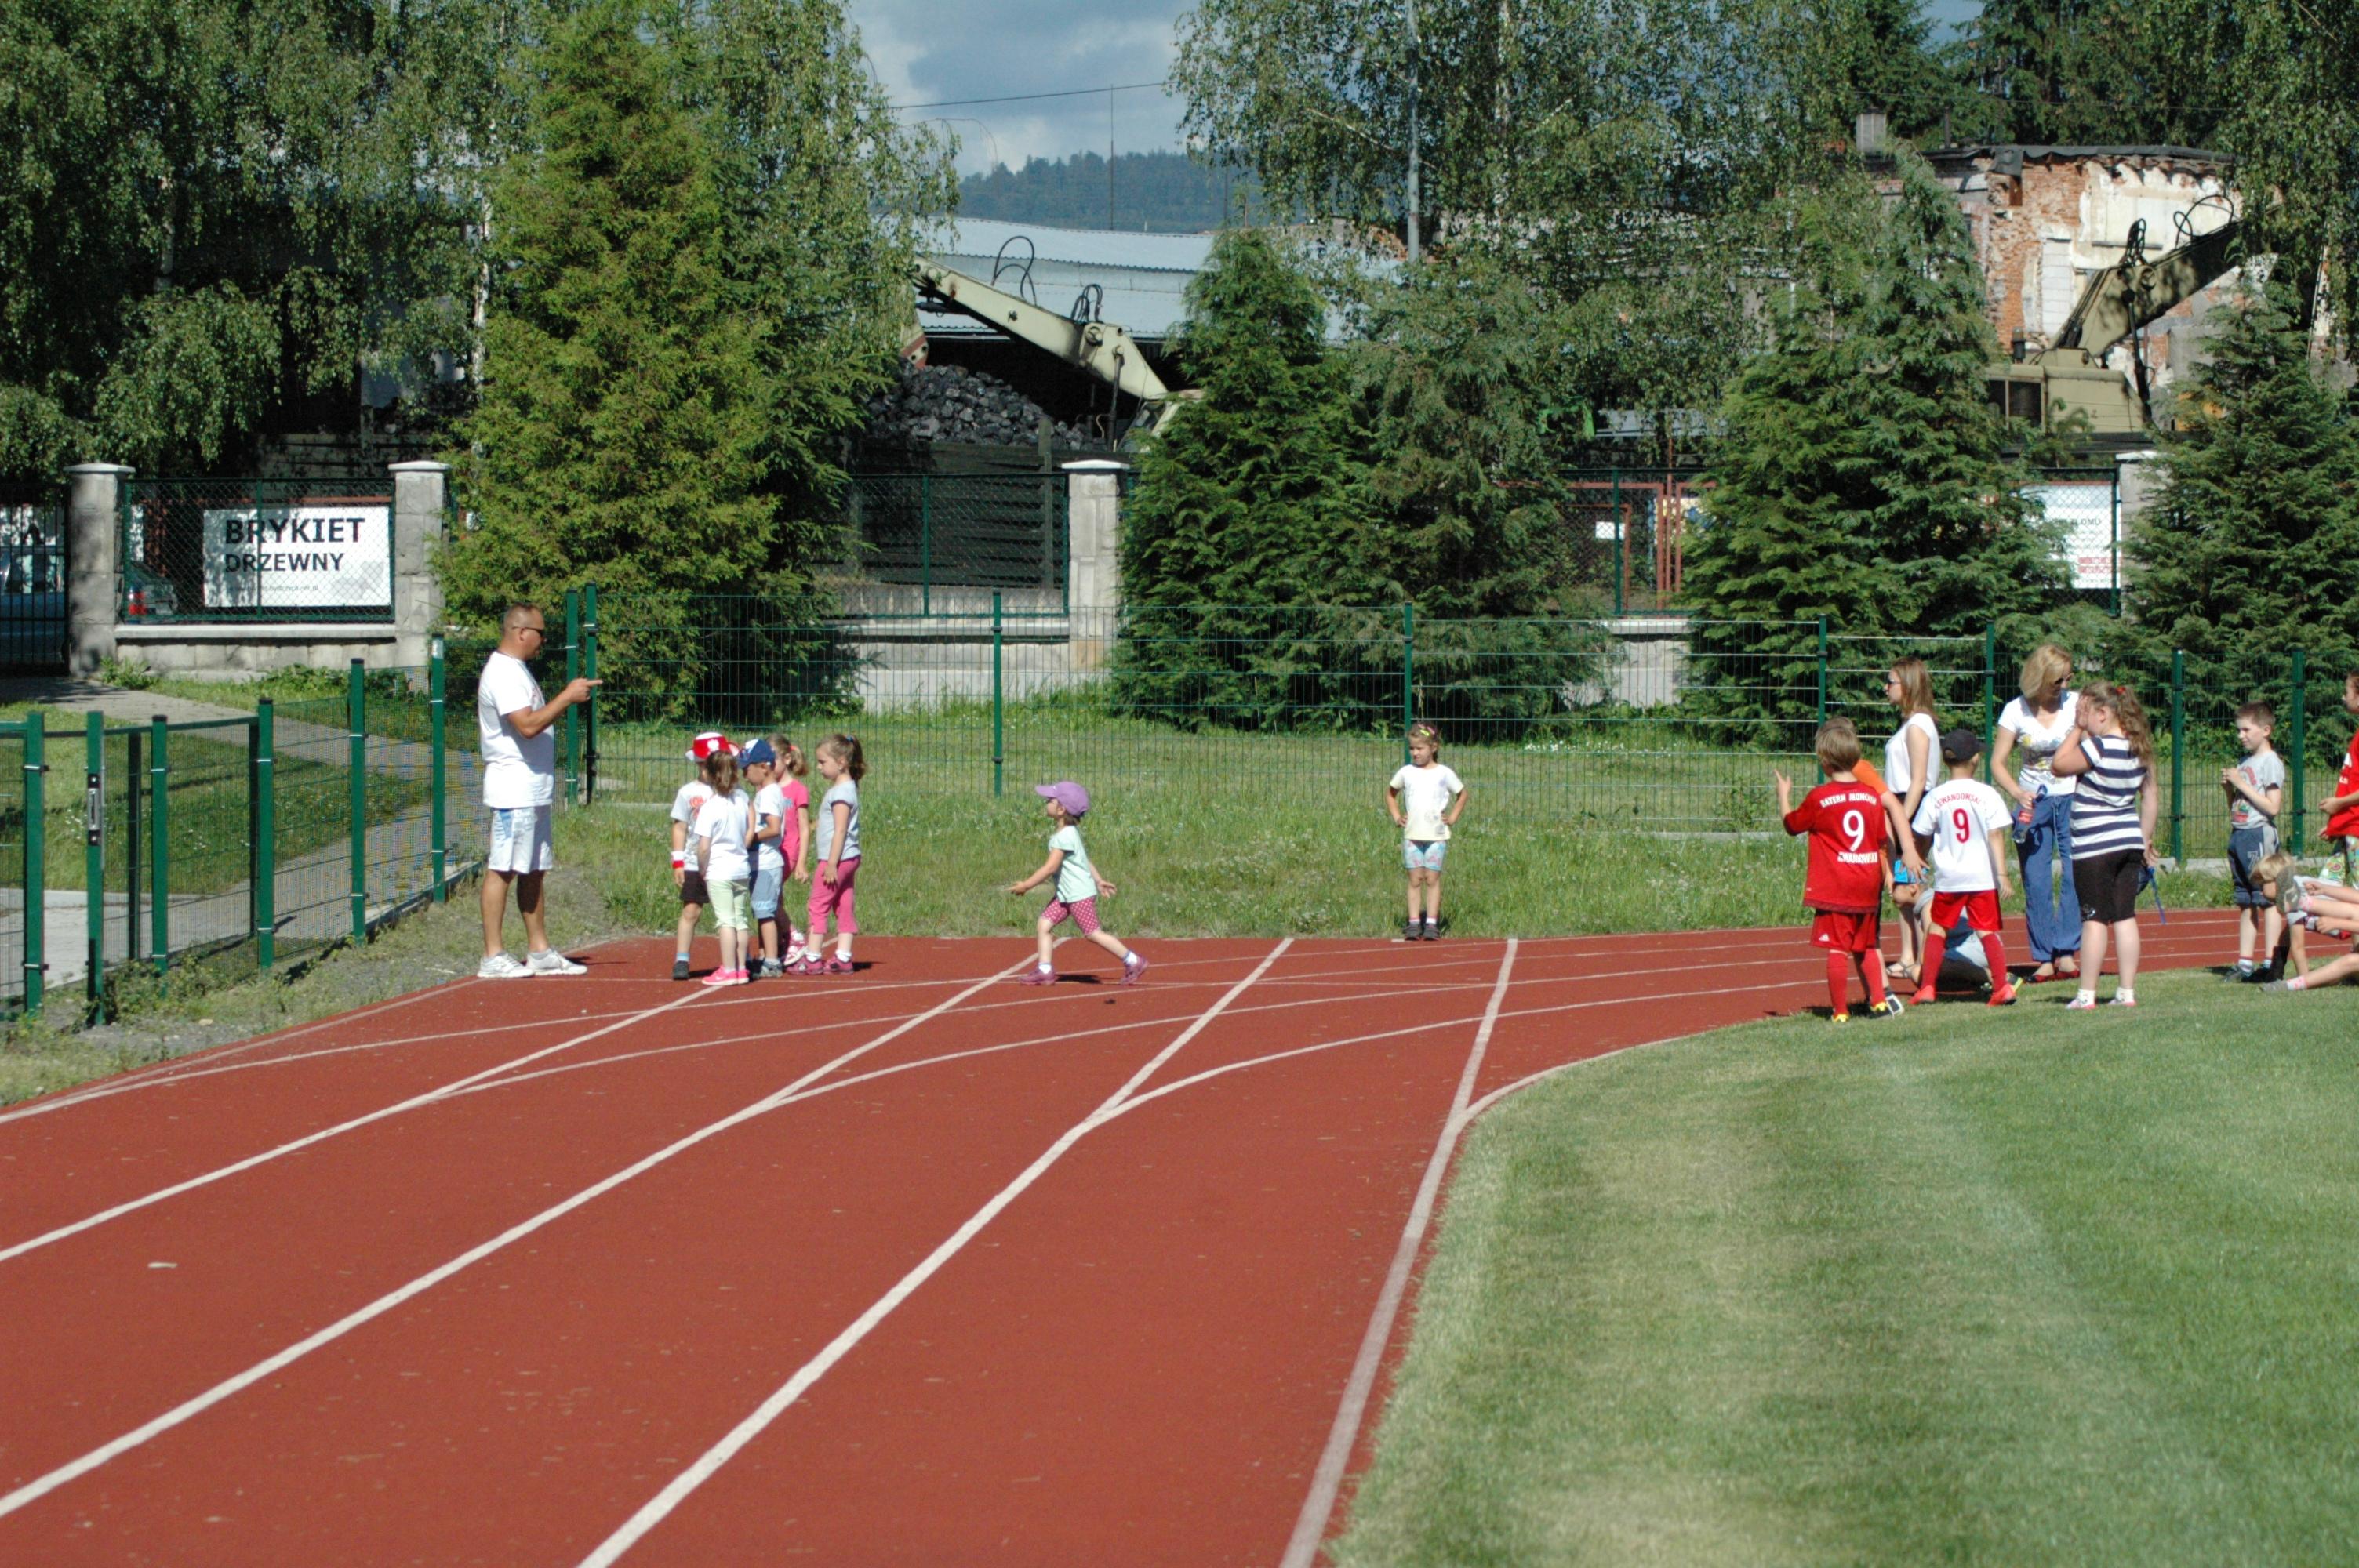 Wycieczka BP i klas I-III do Bystrzycy Kłodzkiej, Bieg na 100m, Autor: M. Biernat, 22.06.2016r.